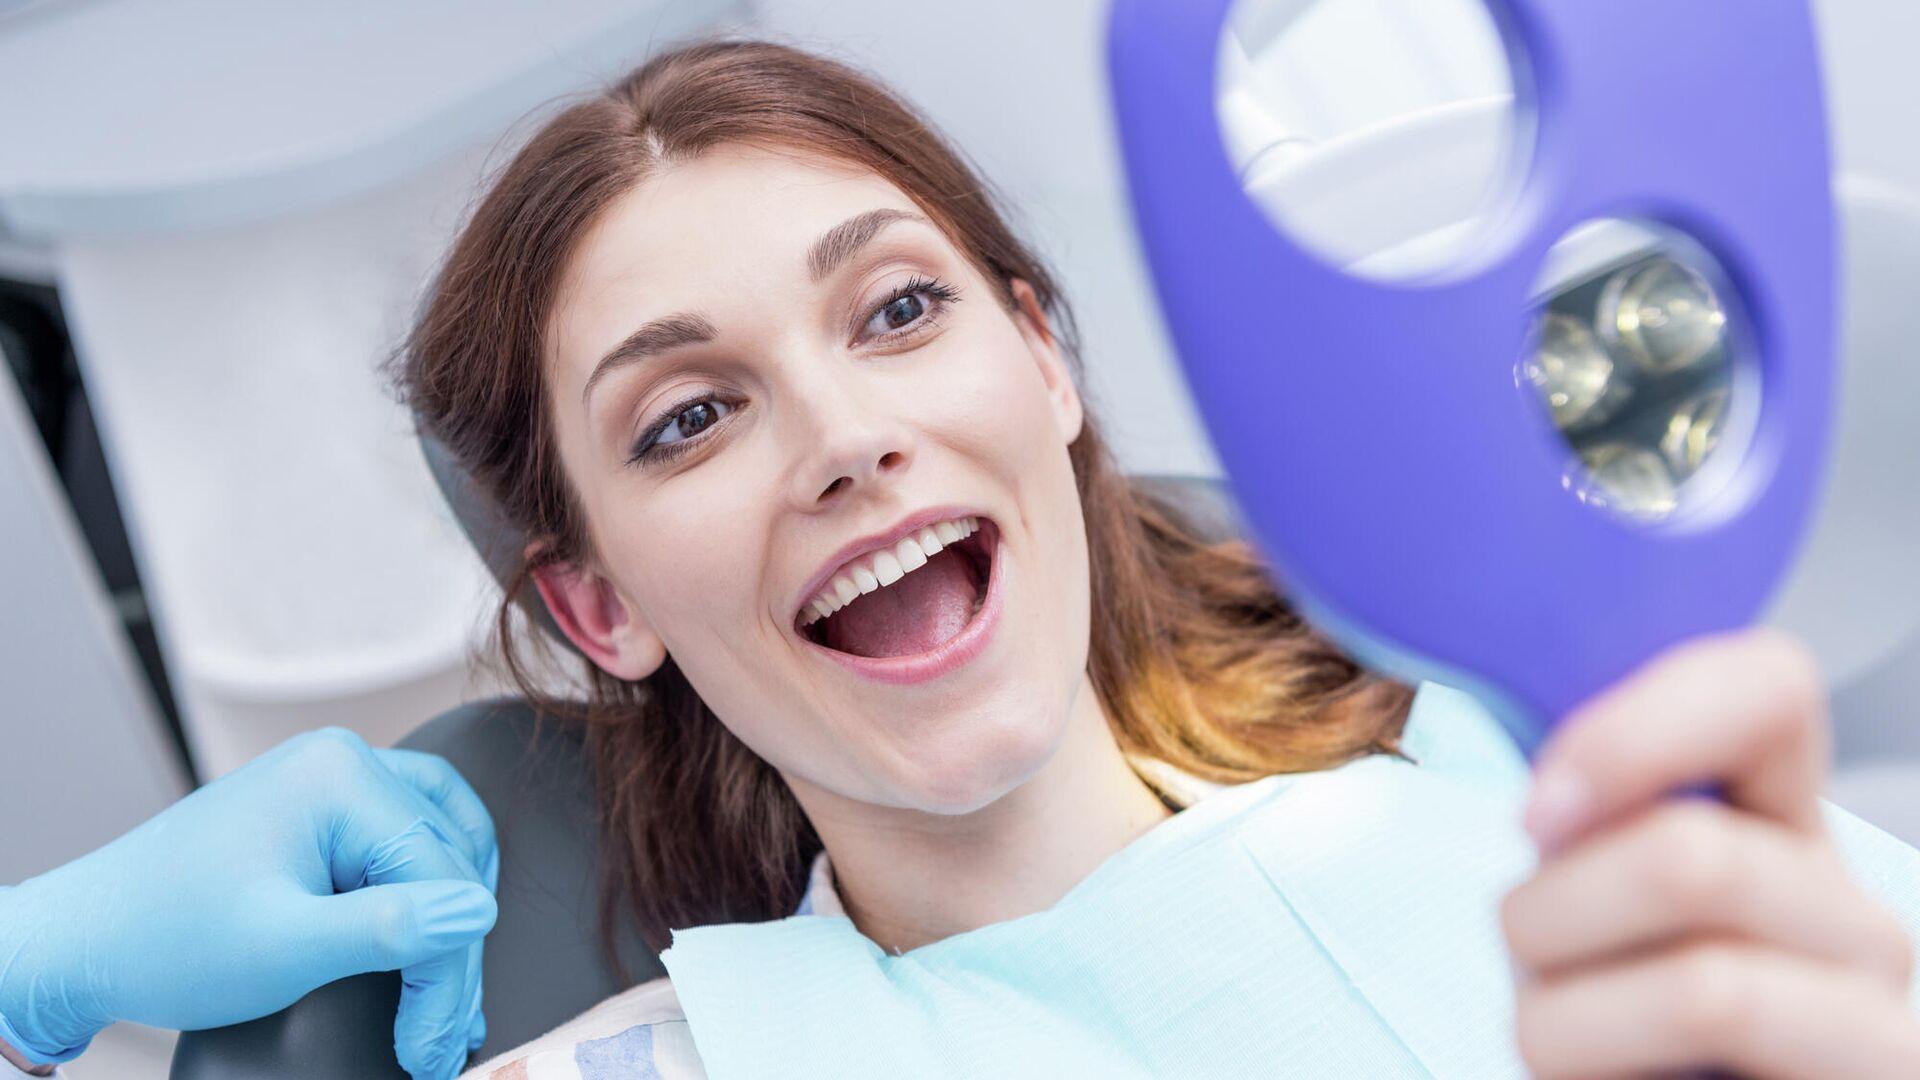 Врачи перечислили проблемы со ртом, которые указывают на рак